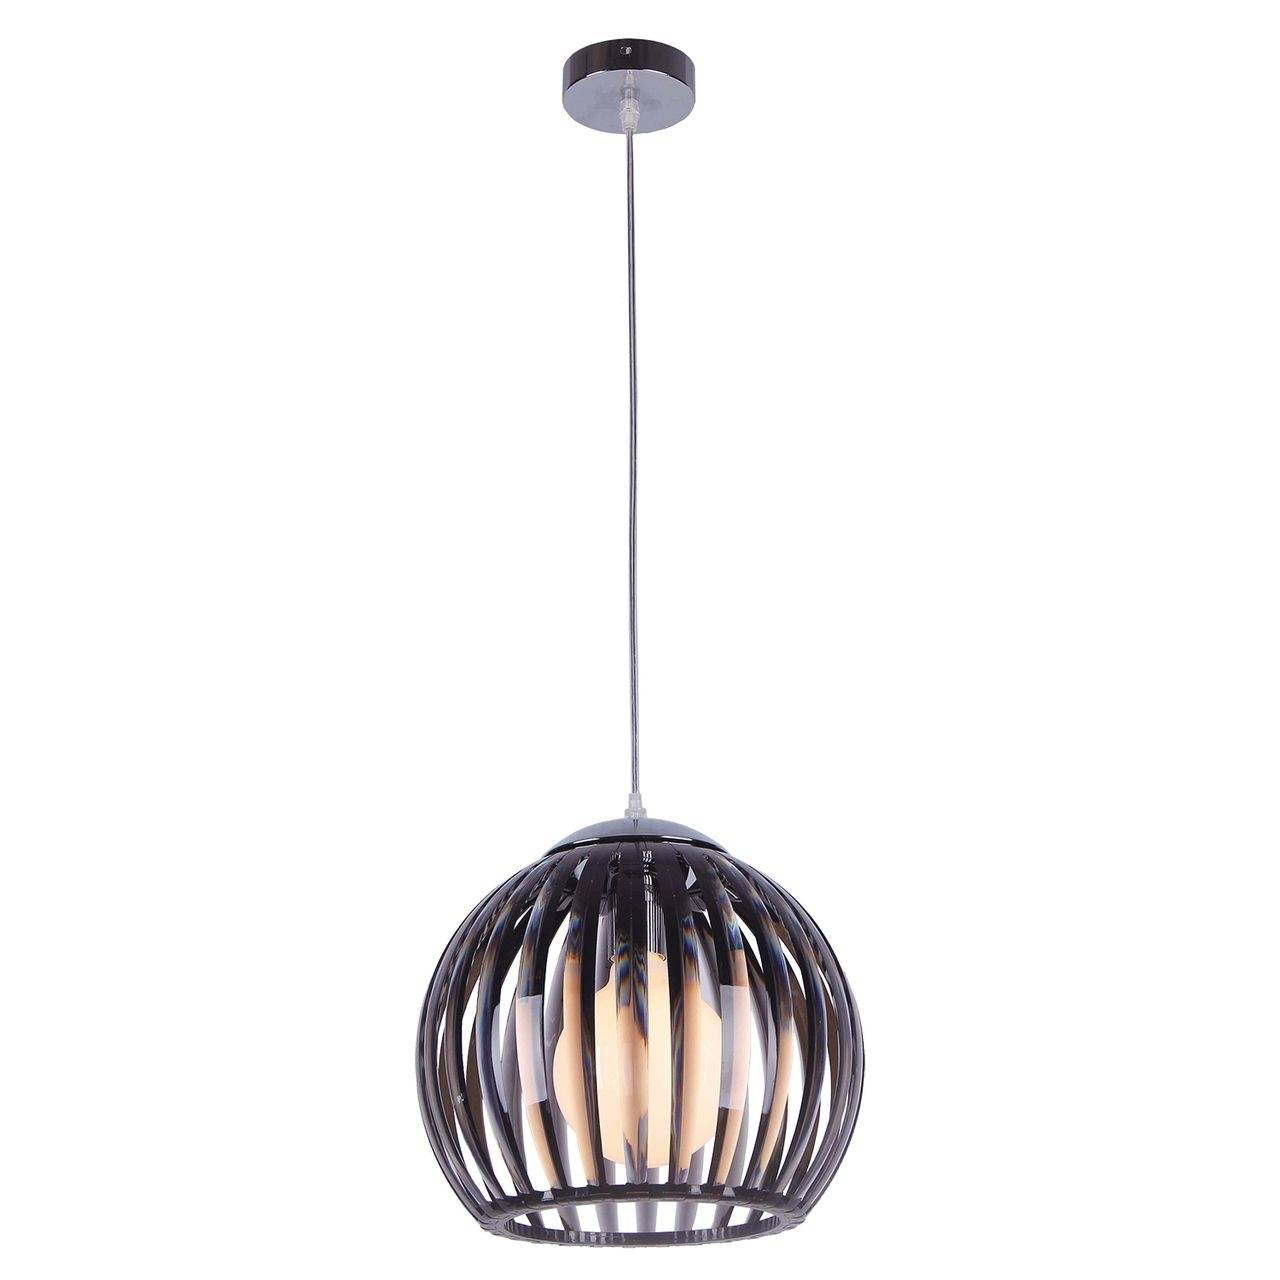 Светильник подвесной Lgo Lsp-0160